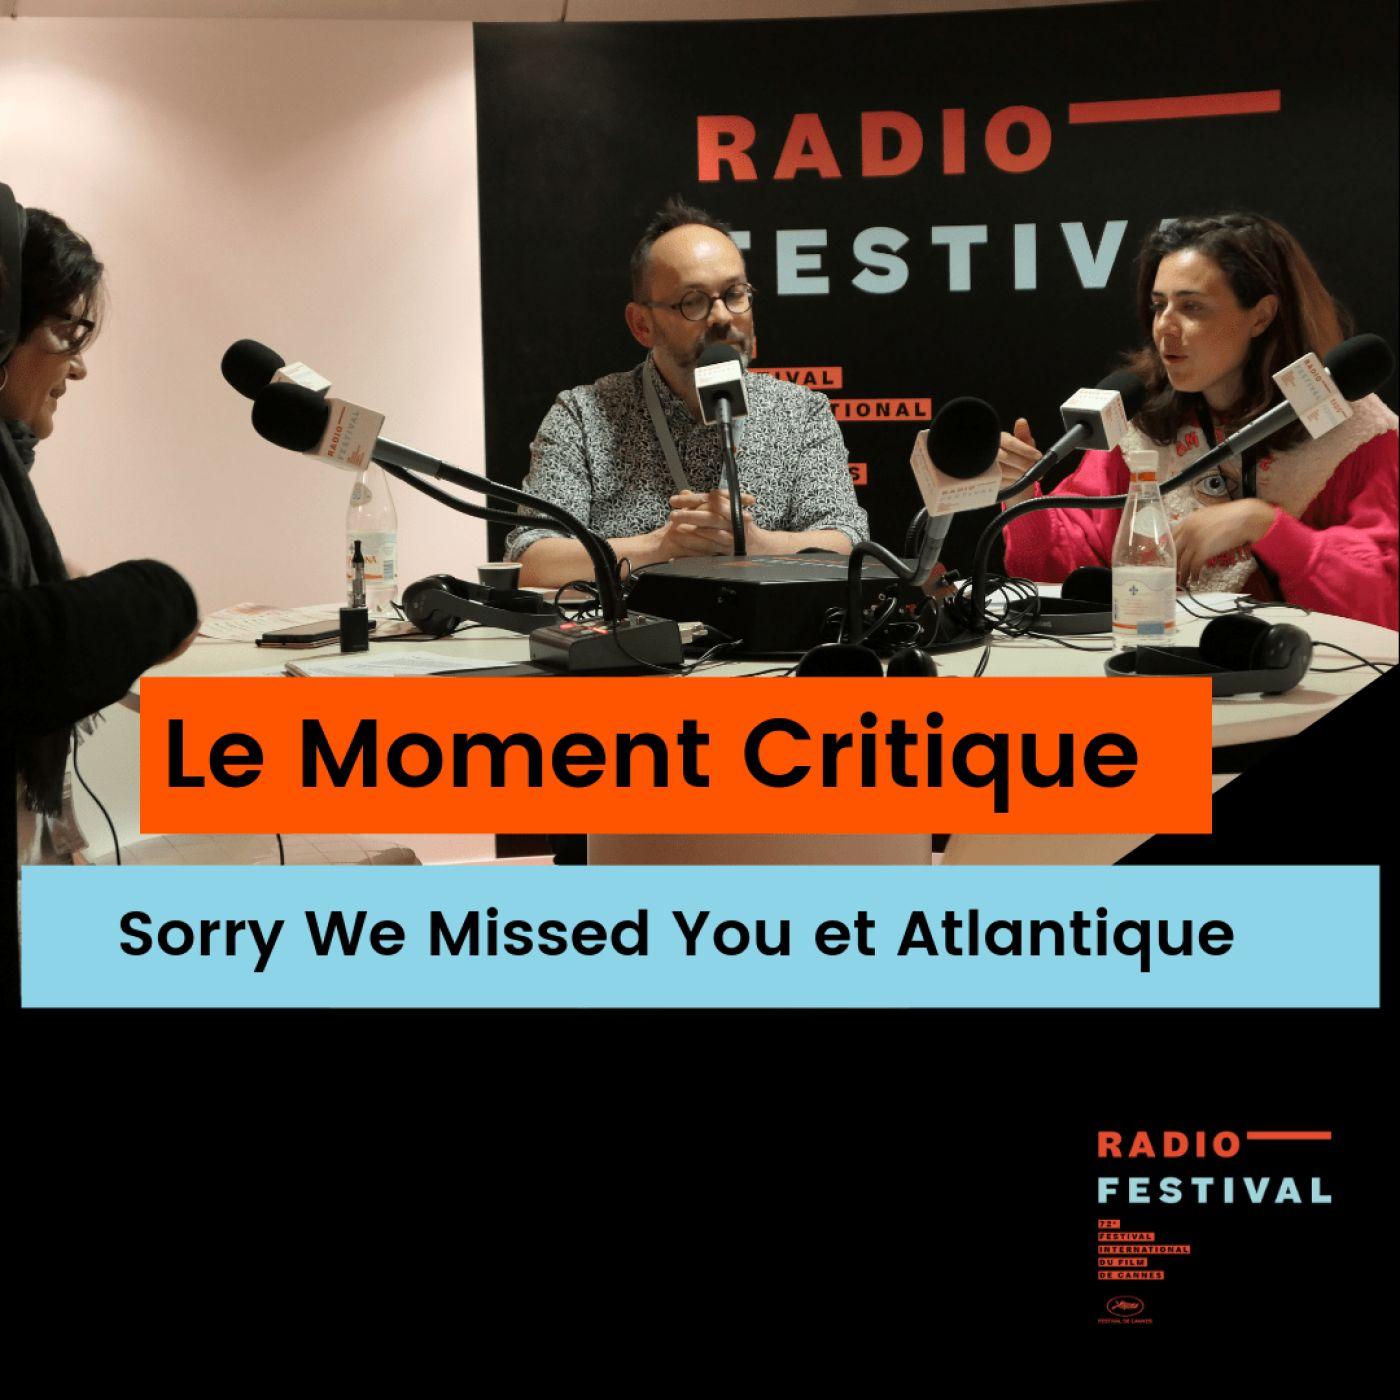 Sorry We Missed You et Atlantique - 17 mai 2019